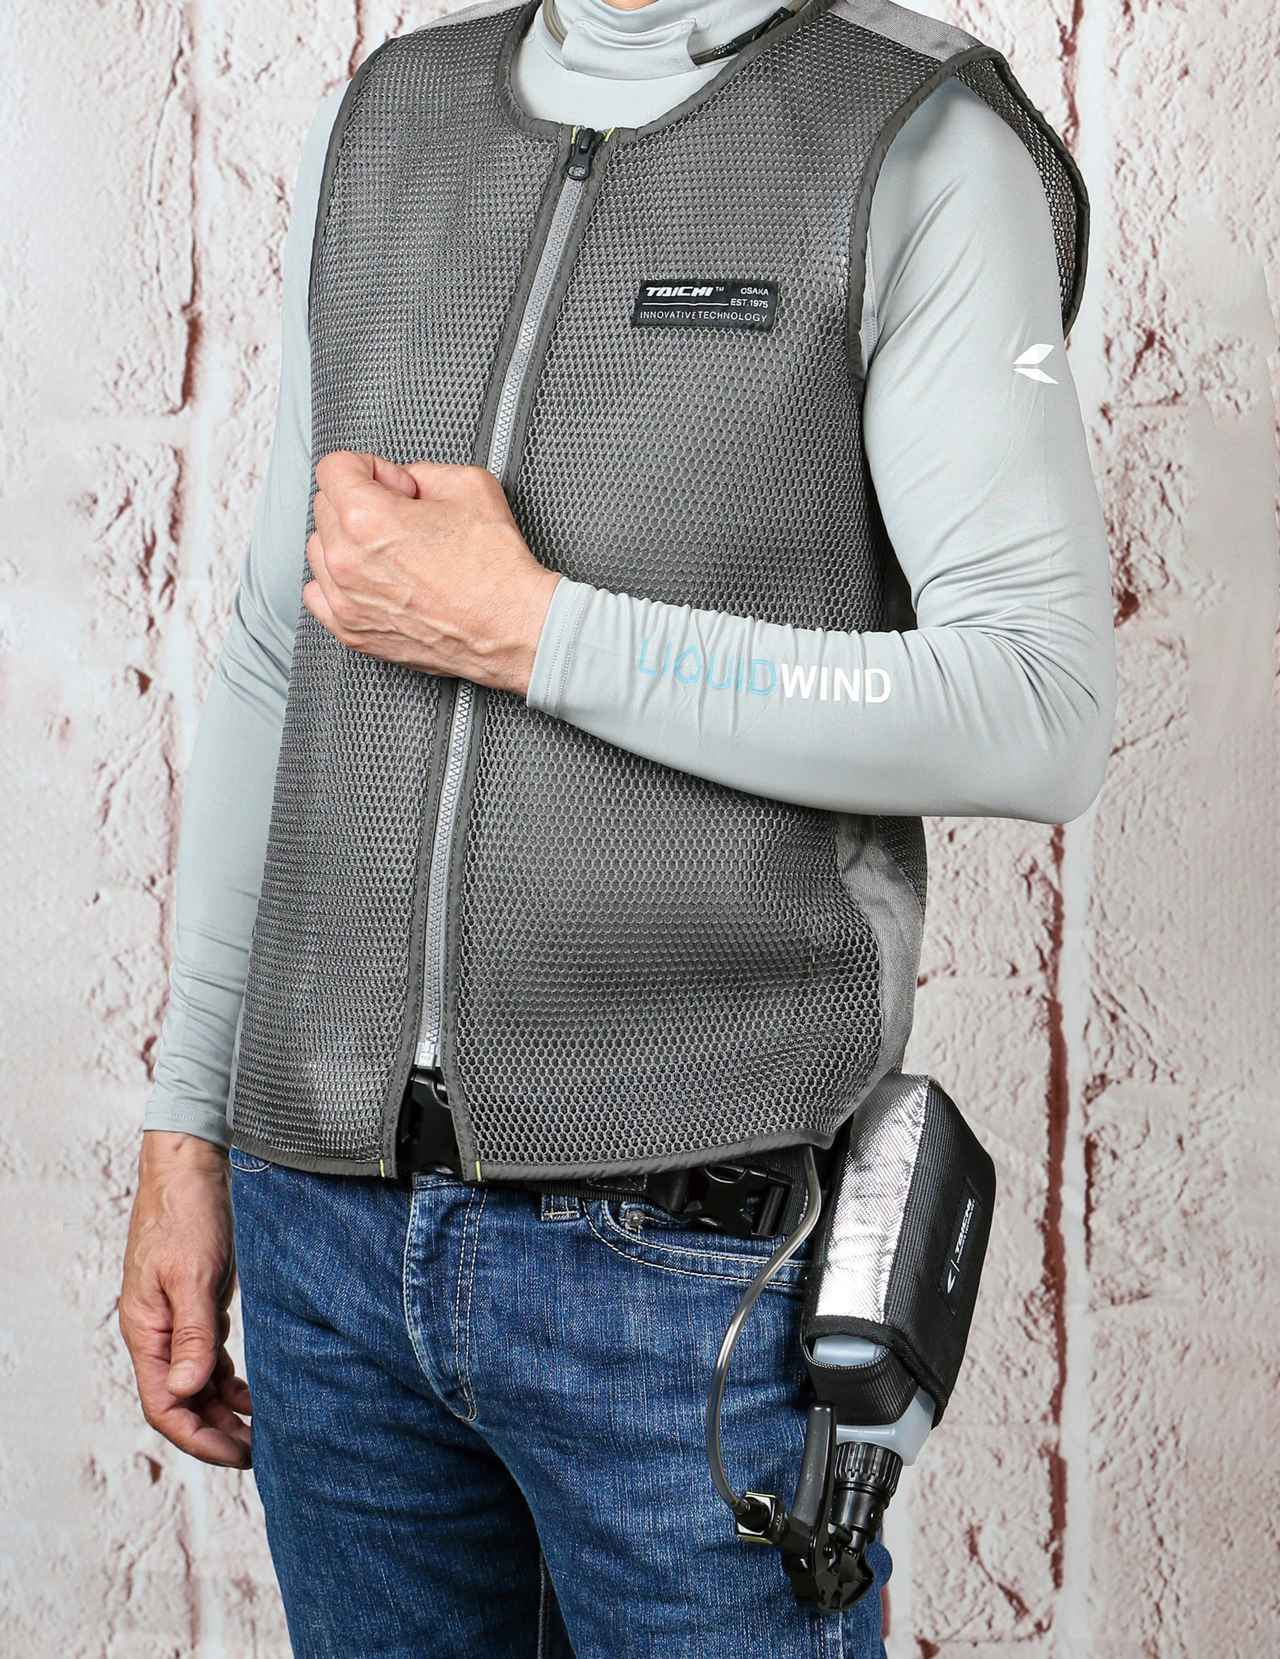 画像: 別売のエアフローベスト(税込5,830円)を重ねればジャケットへの色移りを抑止できる。立体メッシュ生地によって換気性能が上がるので、このベスト単体でも暑さ対策に効果あり。